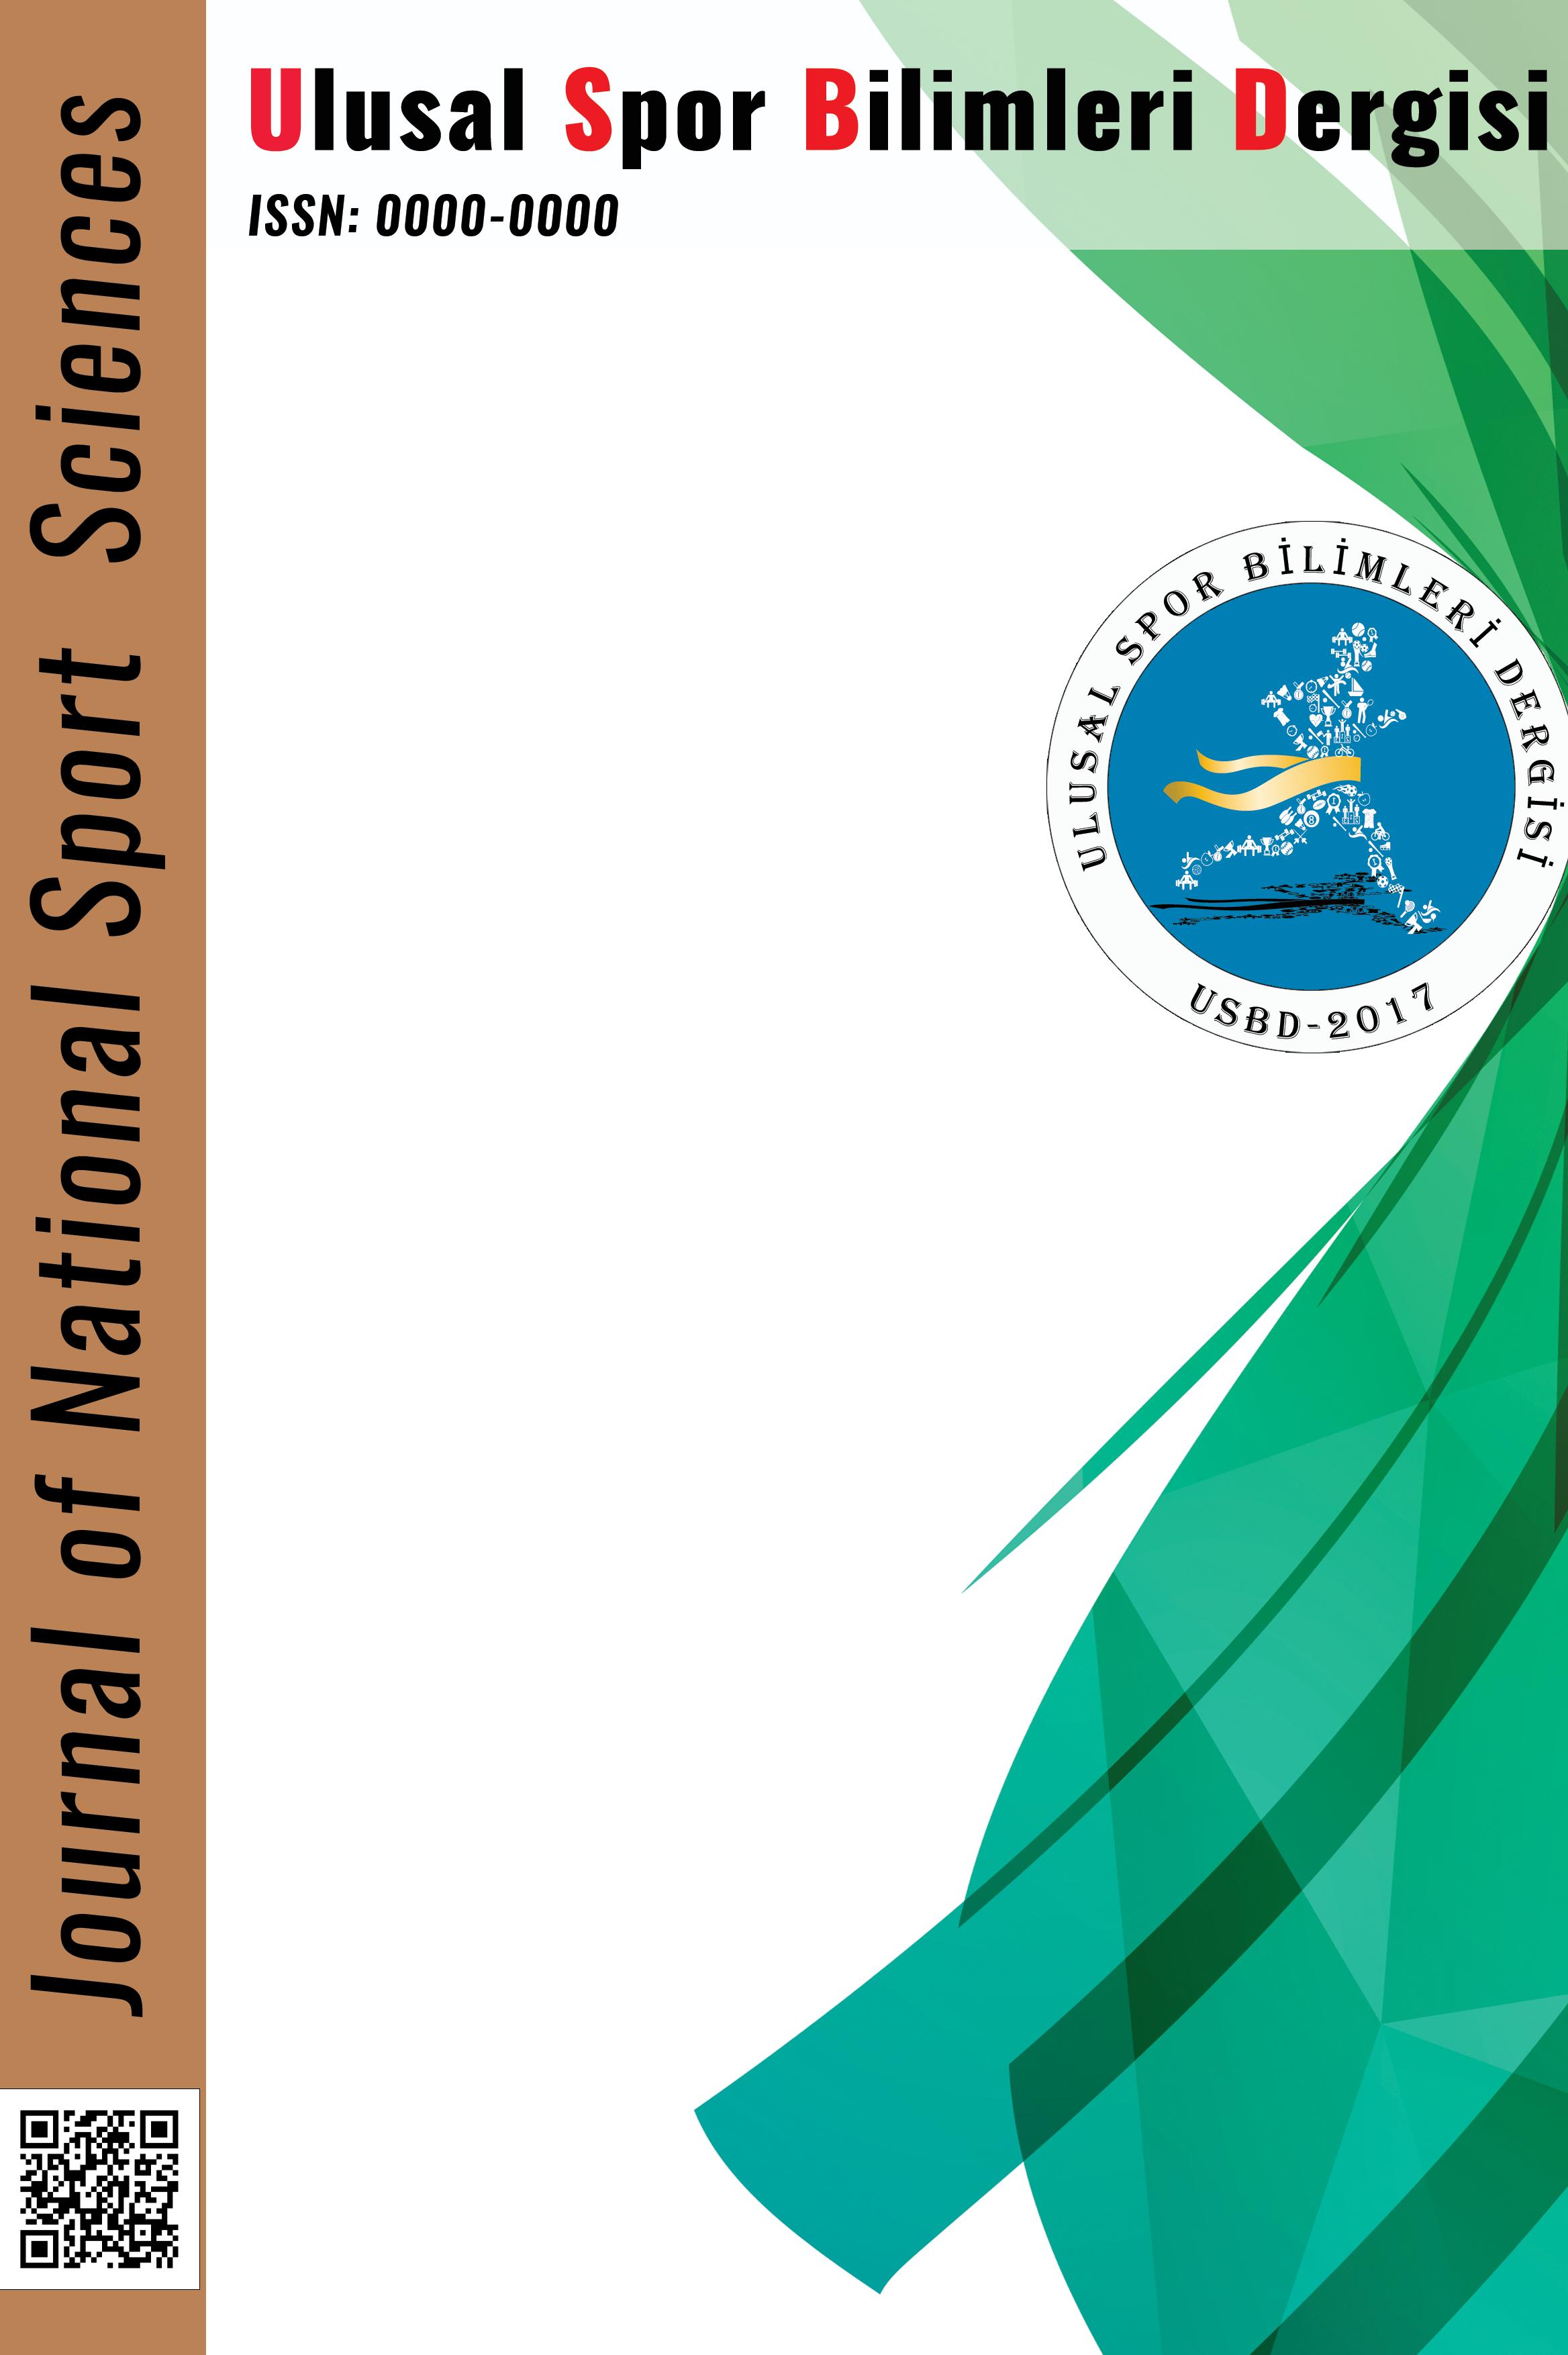 Ulusal Spor Bilimleri Dergisi